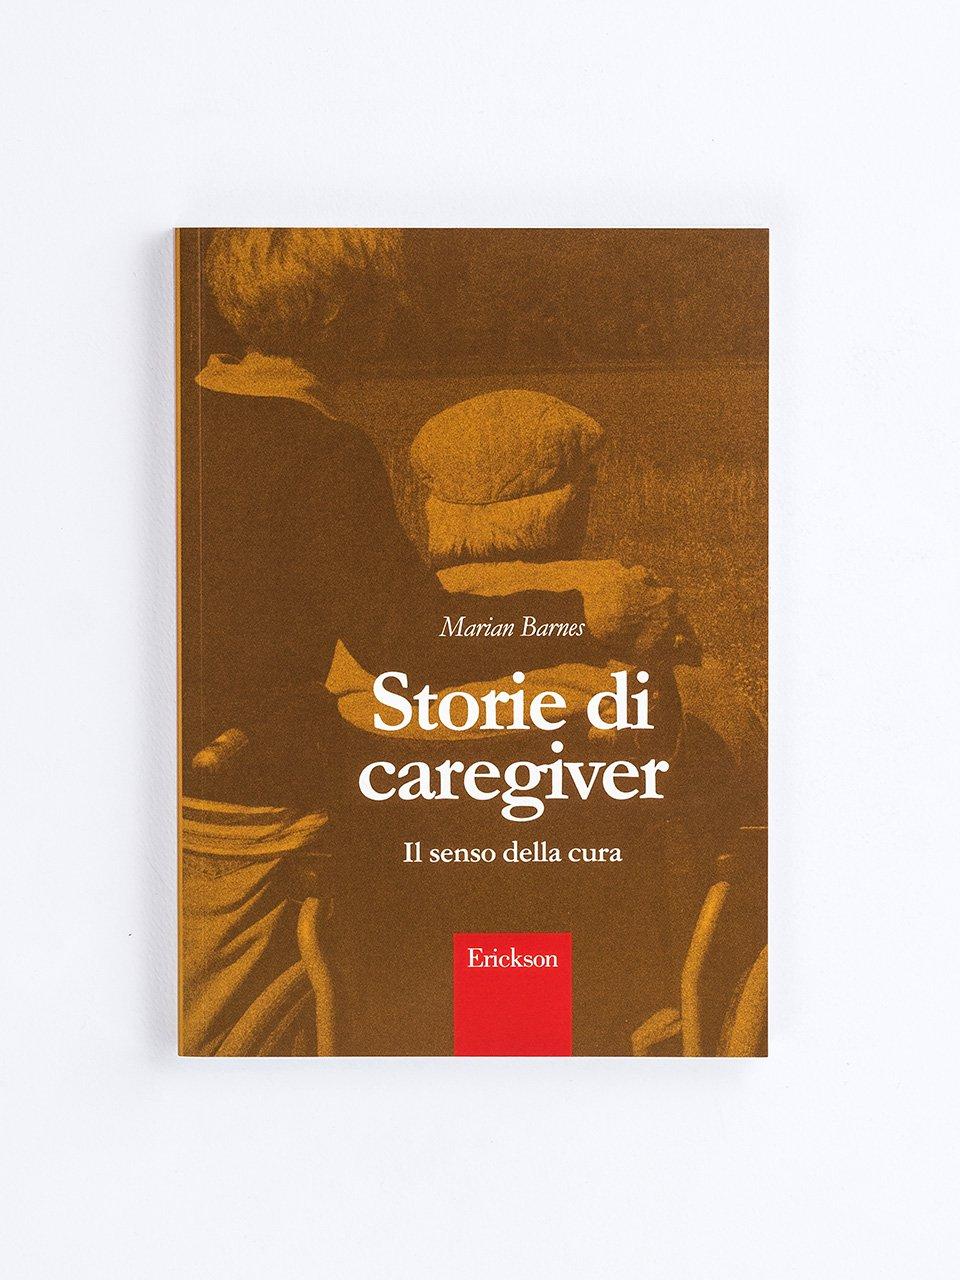 Storie di caregiver - Minori e famiglie - Erickson